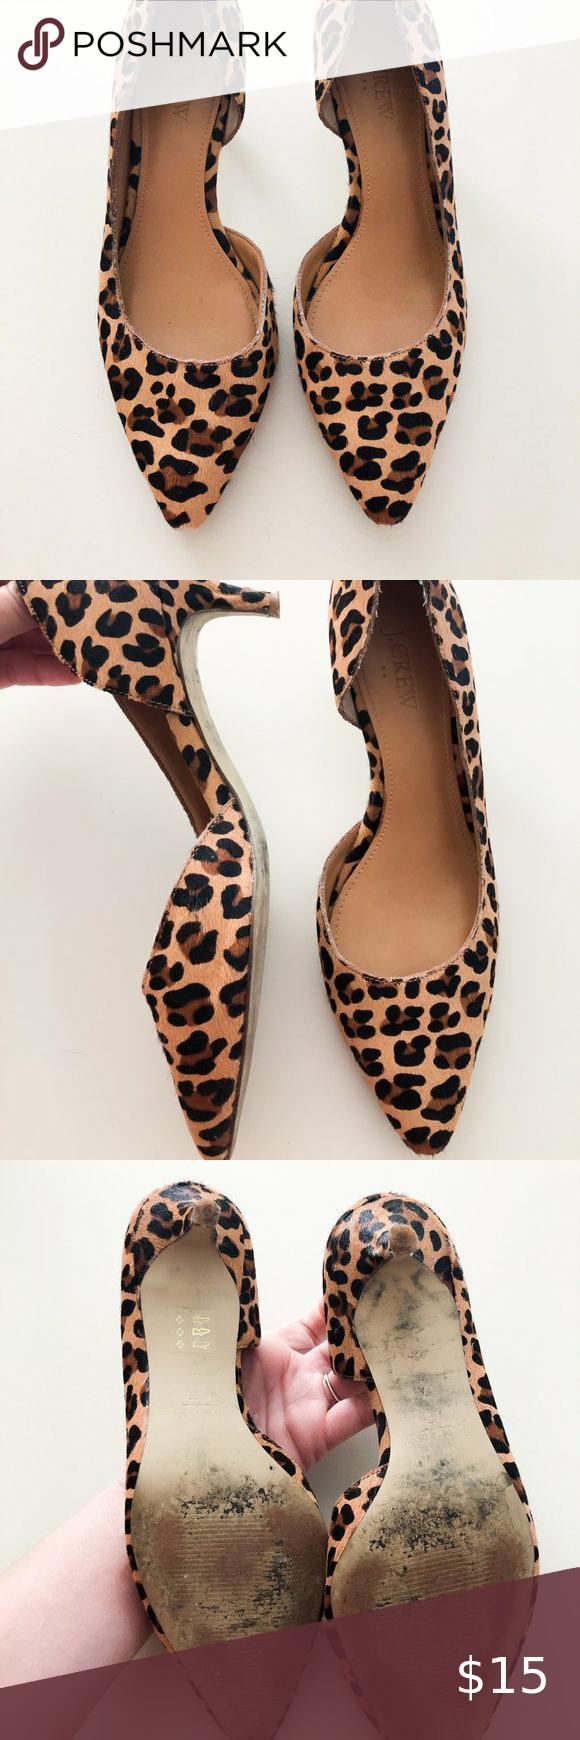 Jcrew Leopard Print Kitten Heels In 2020 Shoes Women Heels Heels Kitten Heels